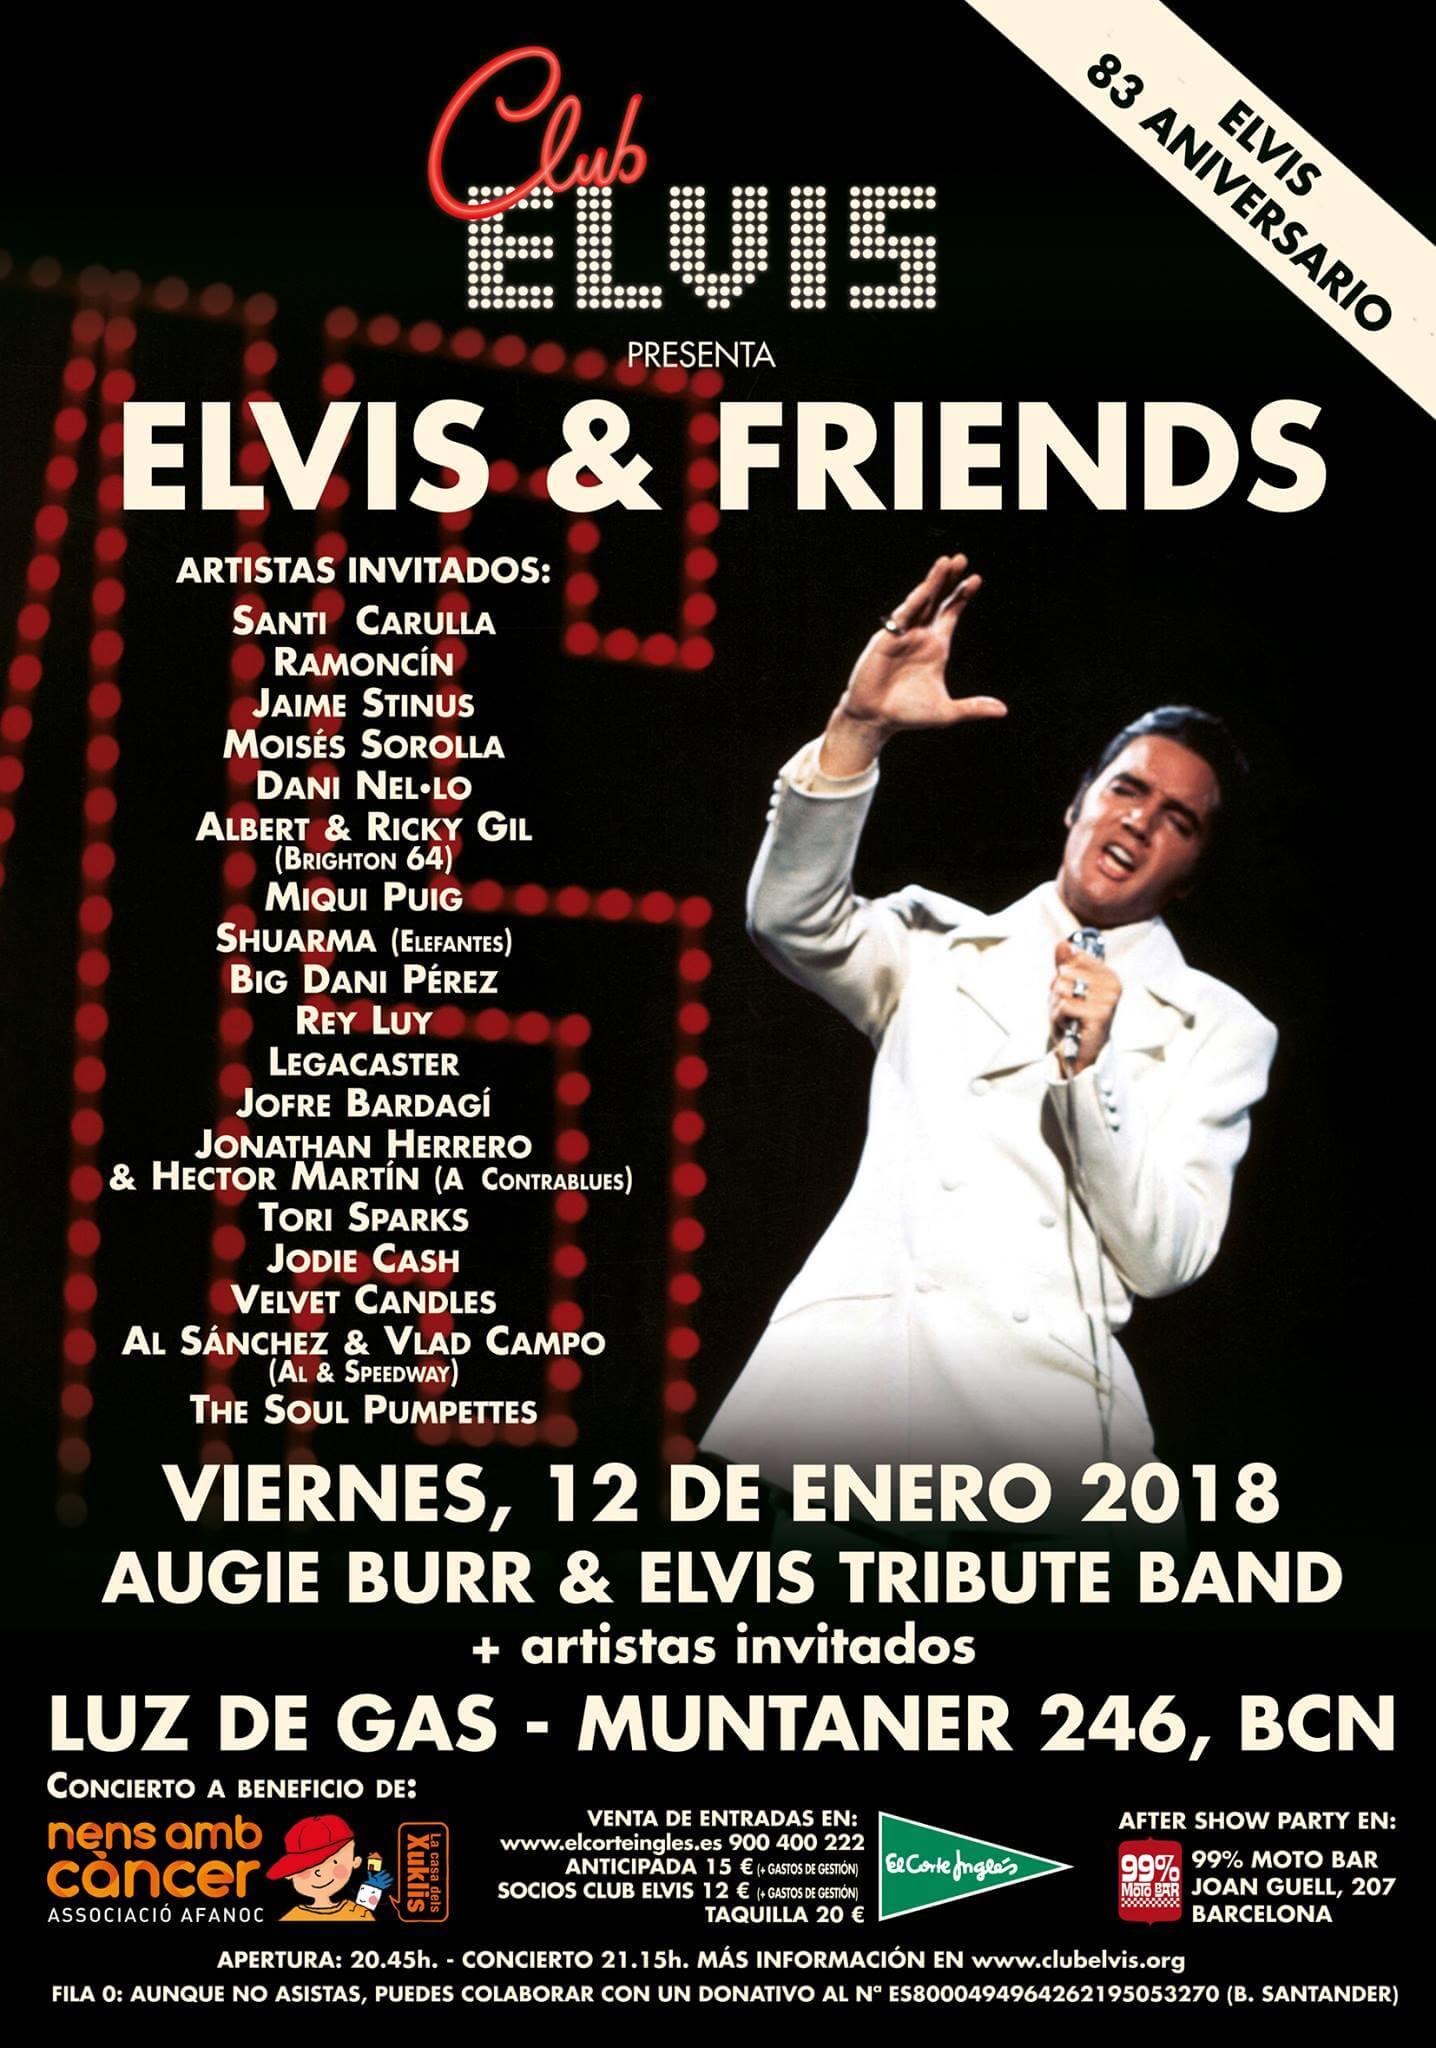 Tori Sparks - Elvis Tribute Concert 2018